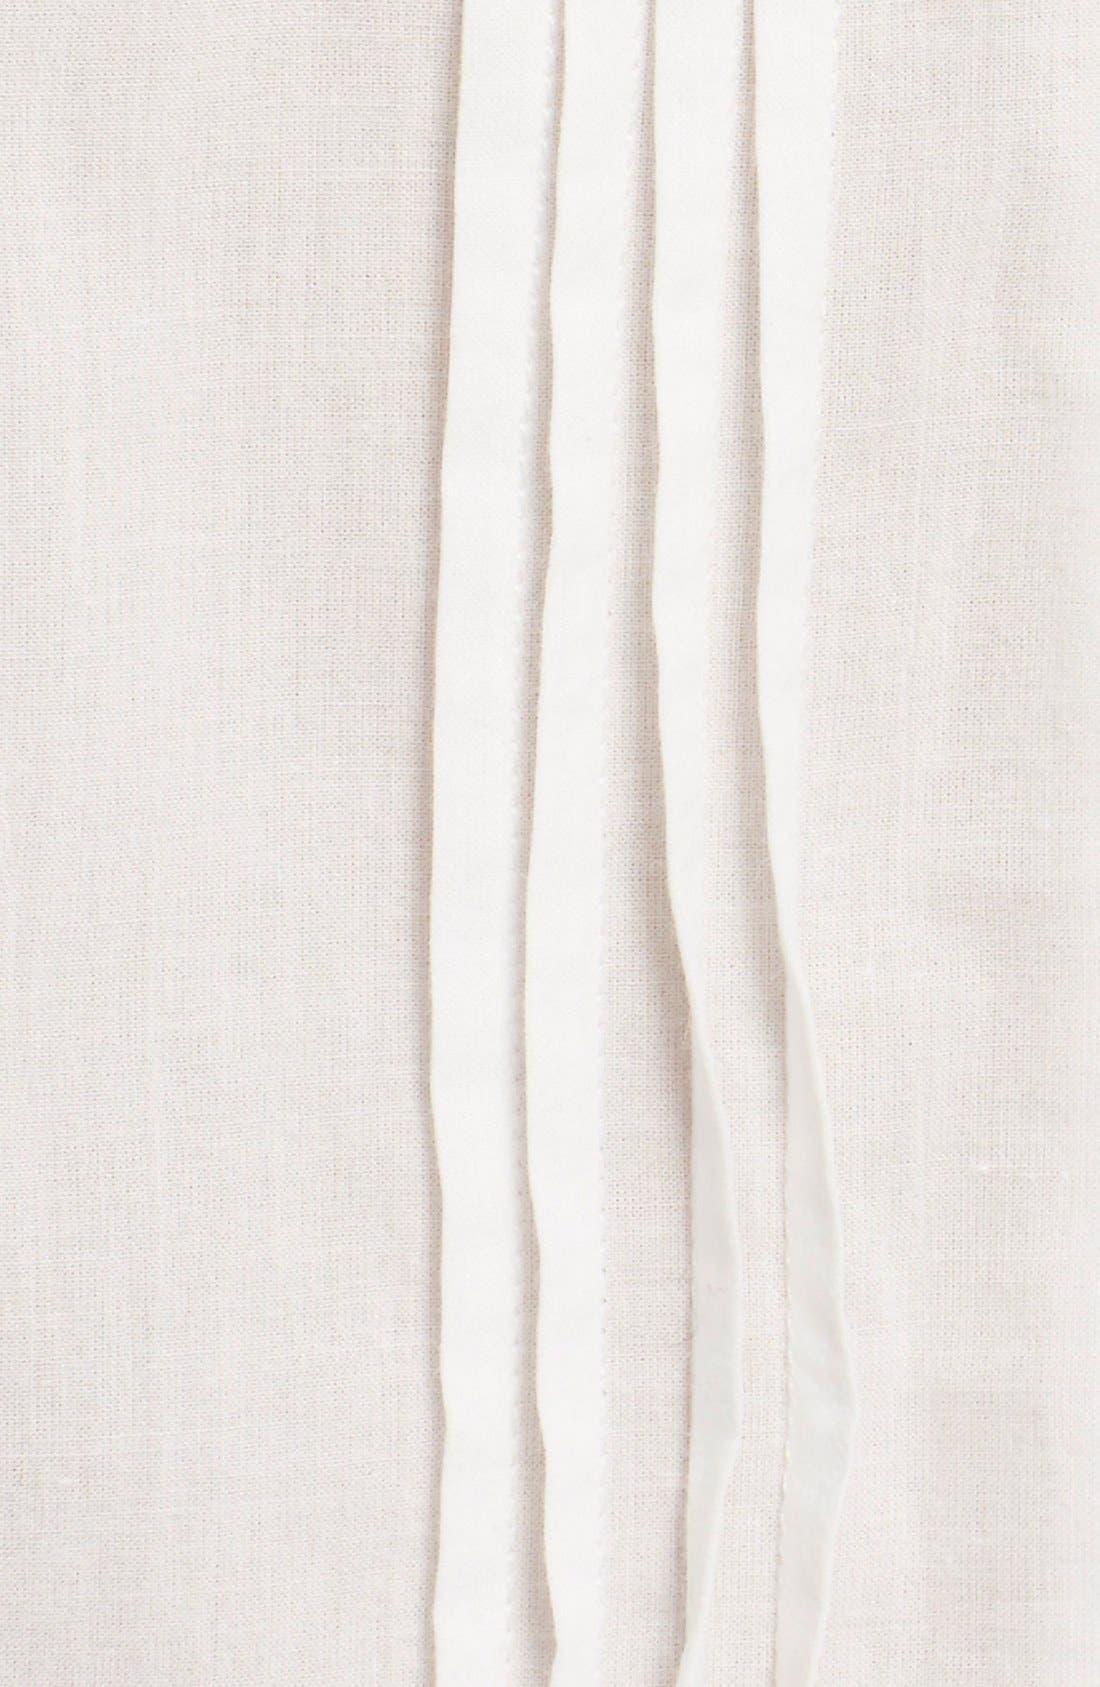 SEA, Lace Trim Cotton Peplum Top, Alternate thumbnail 4, color, 100